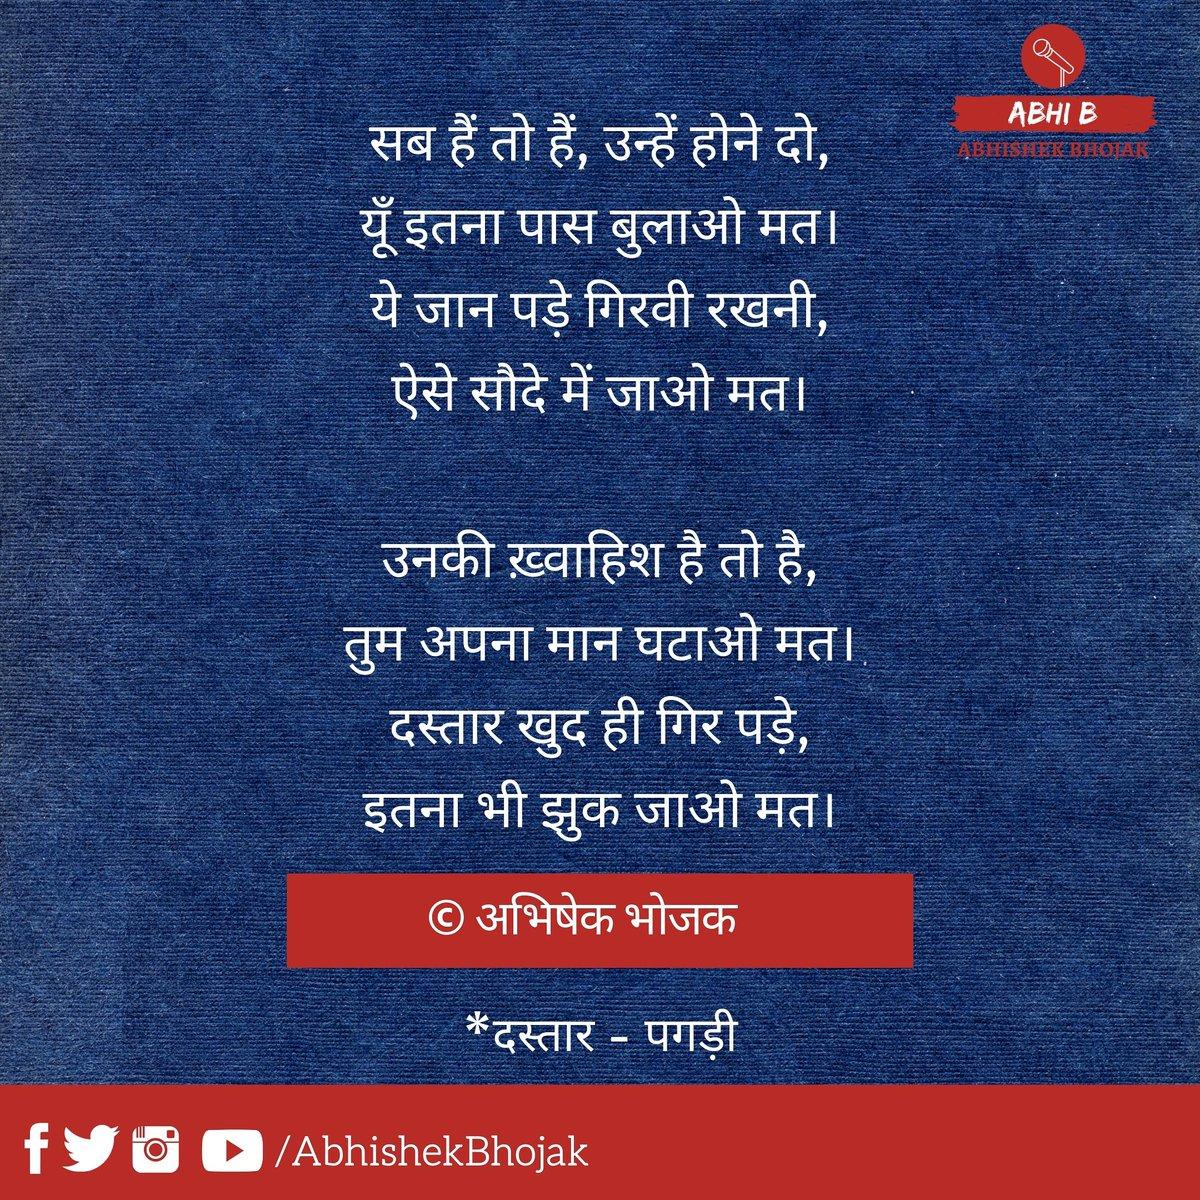 #mywords #hindi #urdu #poetry #abhib #poet https://t.co/v6ST0q1eZX